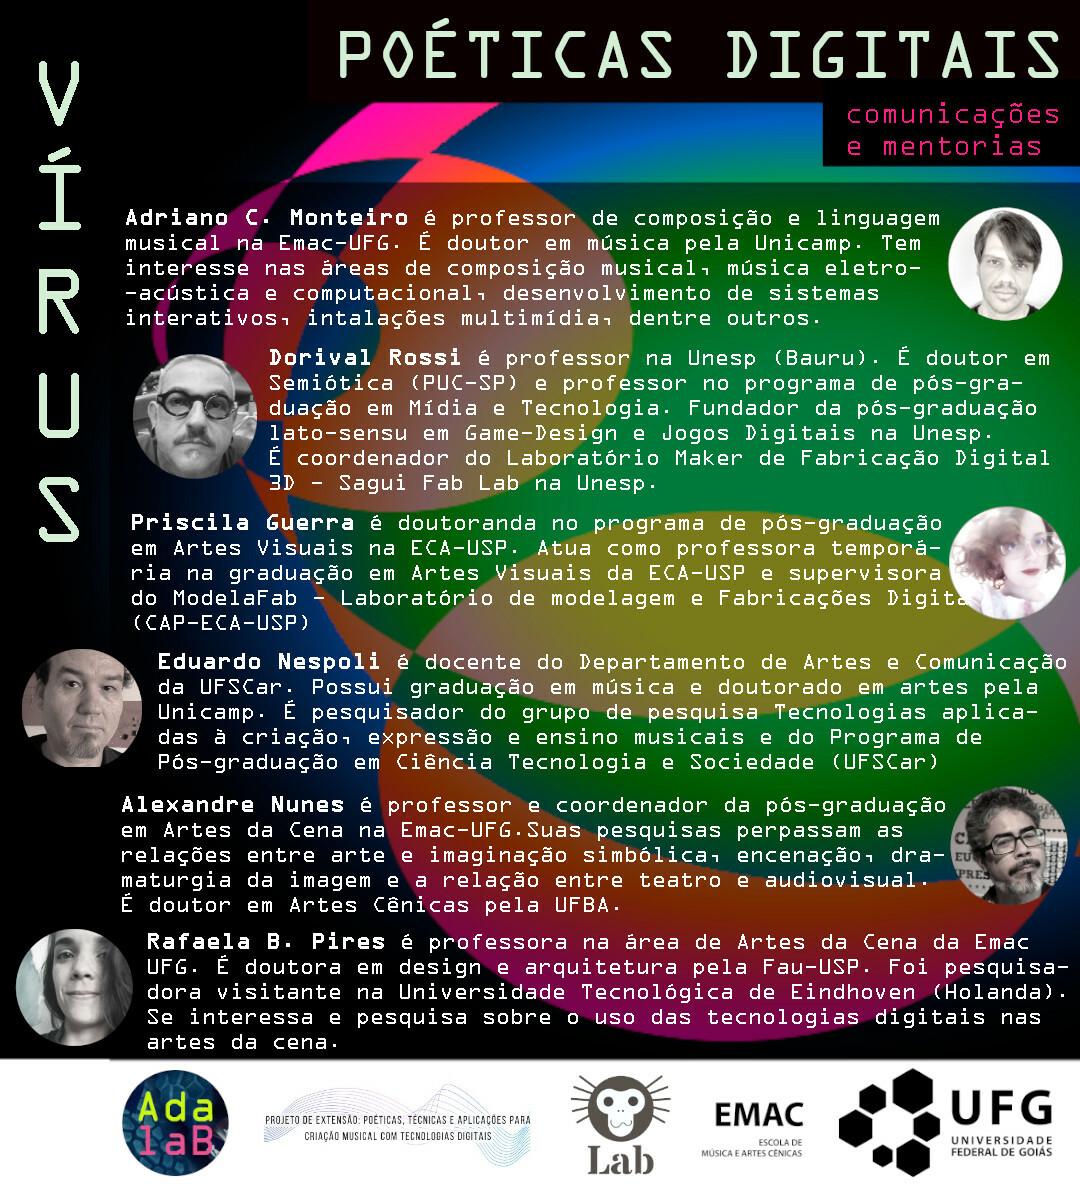 Vírus poéticas digitais Rafaela Pires março 2021 4